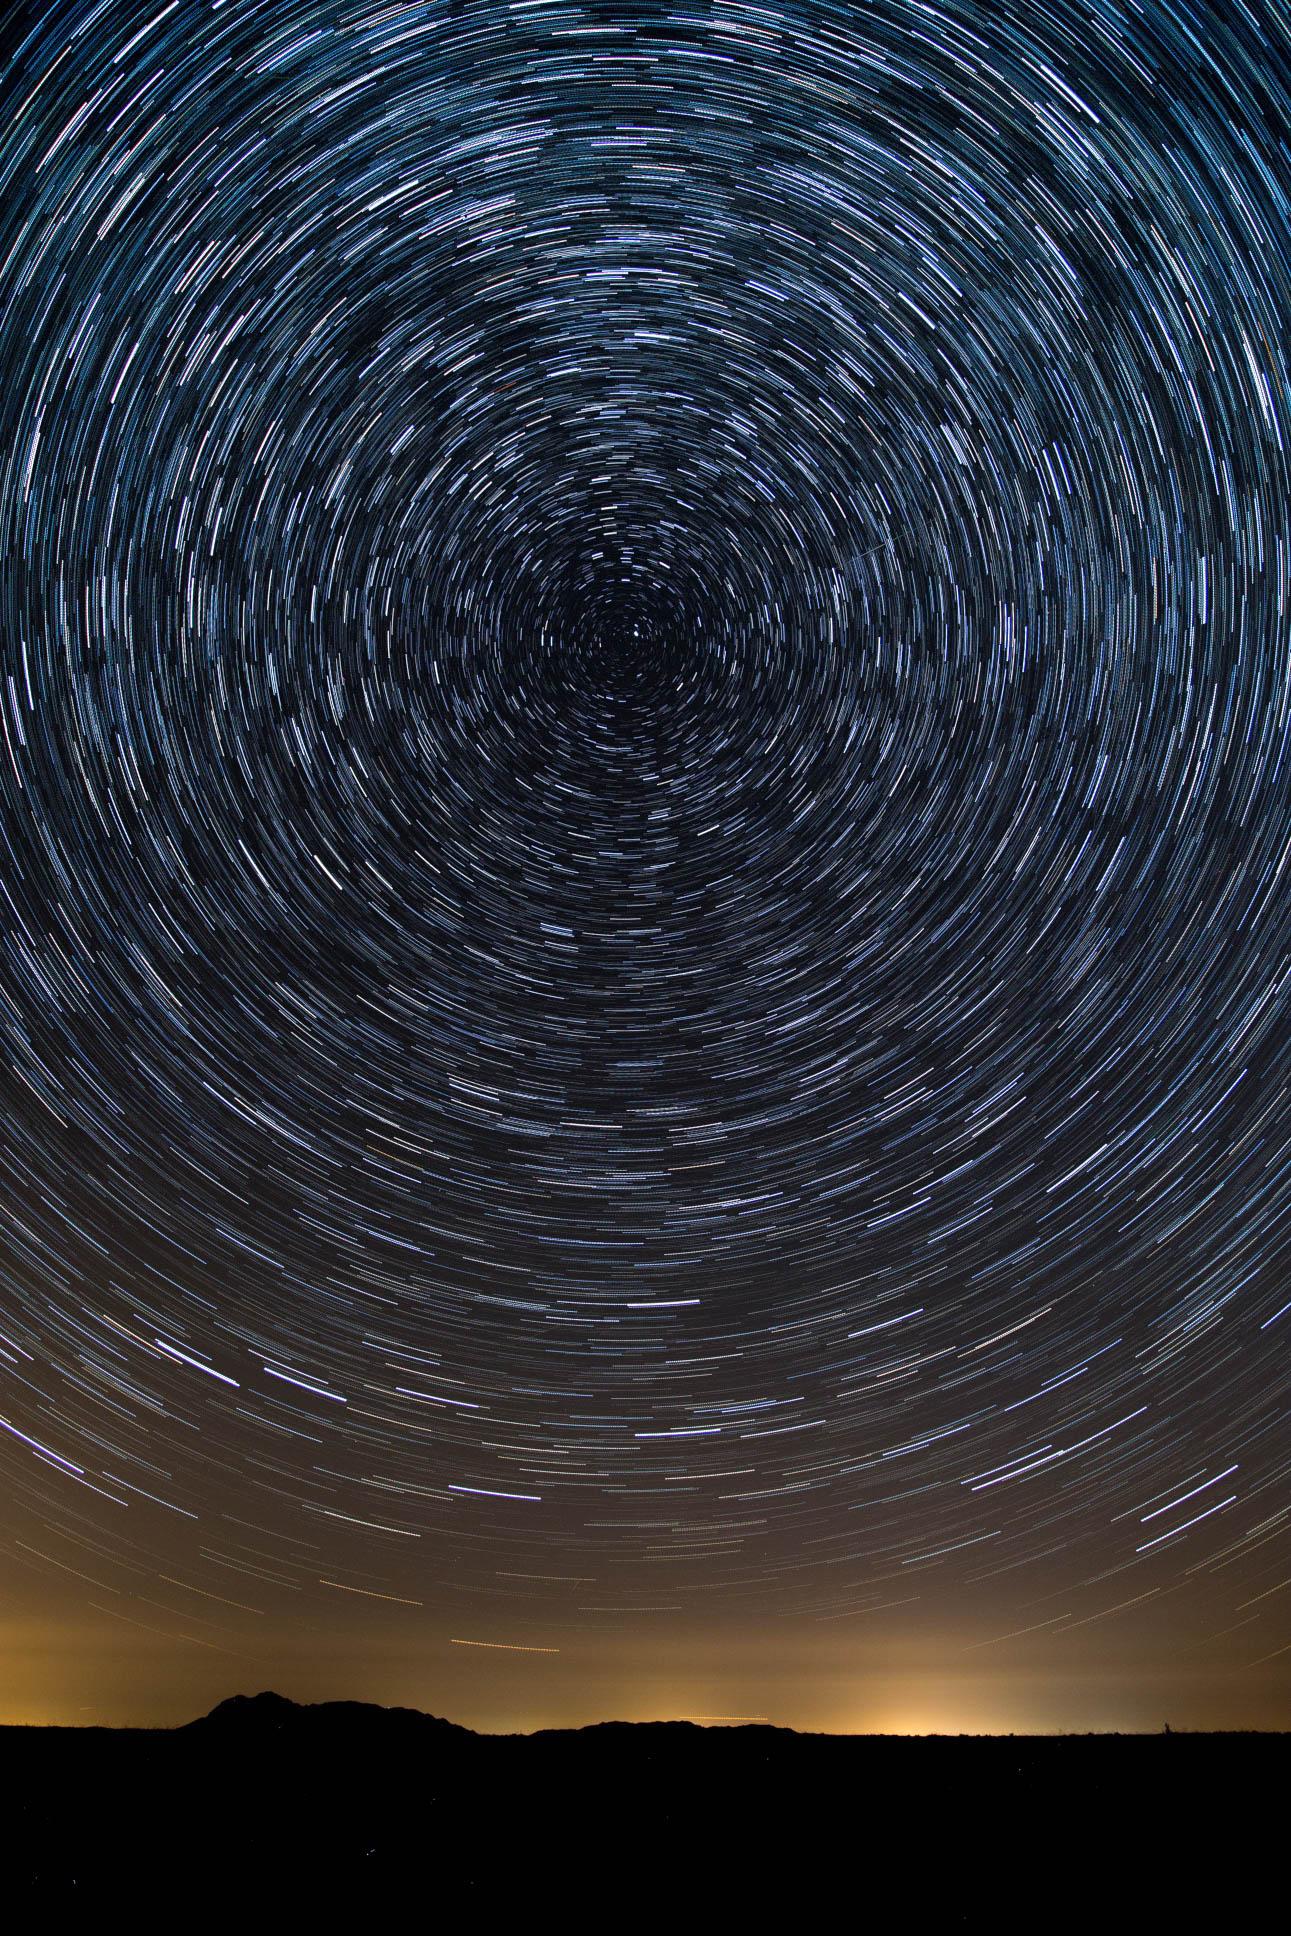 Circumpolar - Paisaje Nocturno - Joshua Miravalles Gómez Fotógrafo - Joshua Miravalles Gómez Photographer